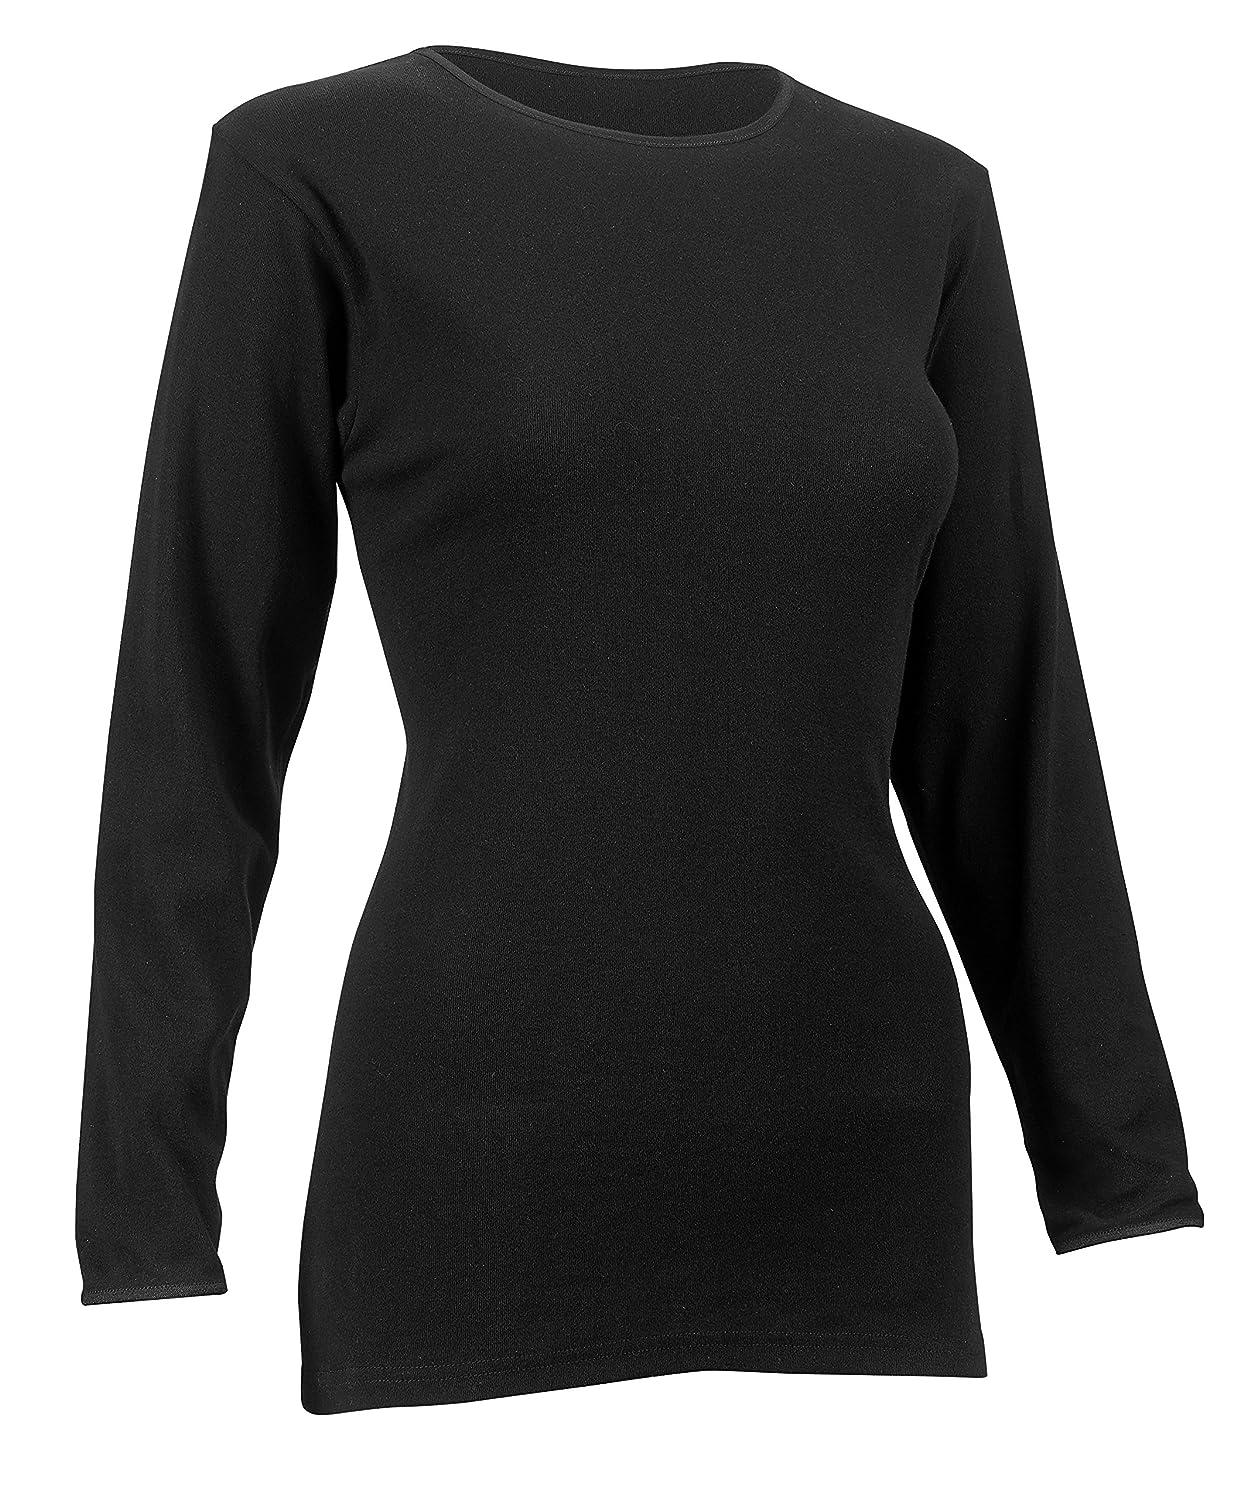 Rosette Damen Sportunterhemd